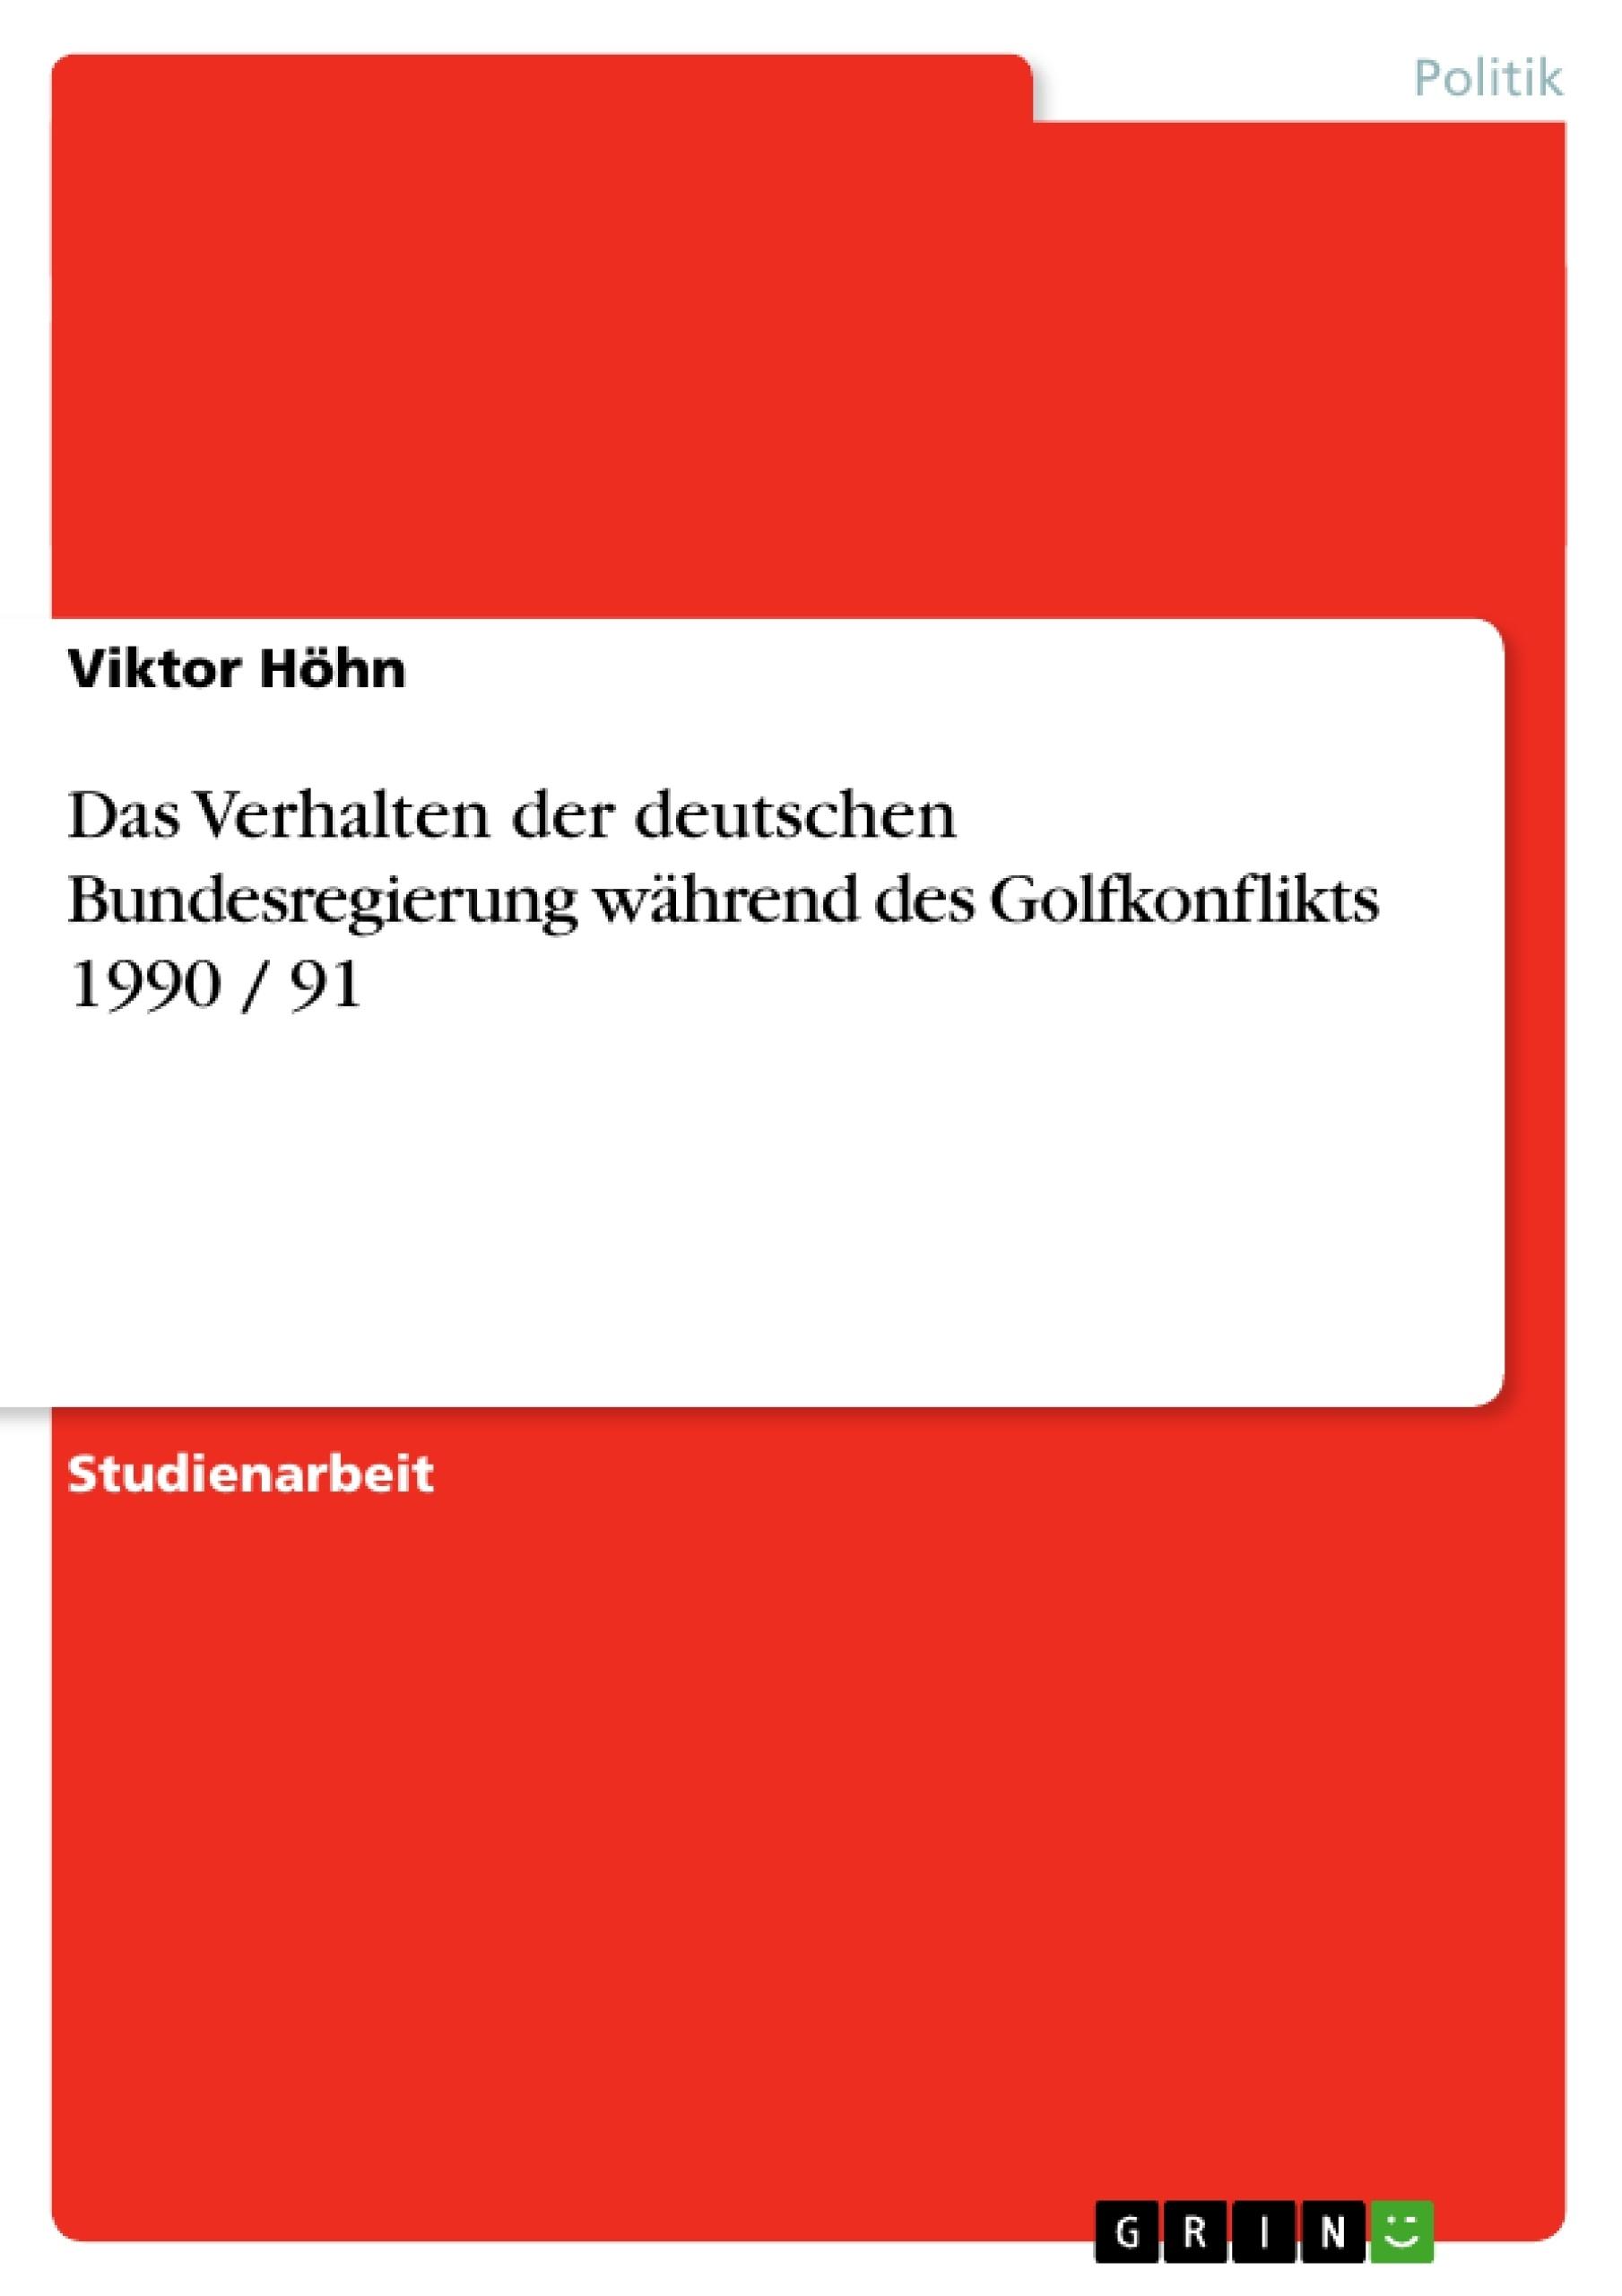 Titel: Das Verhalten der deutschen Bundesregierung während des Golfkonflikts 1990 / 91